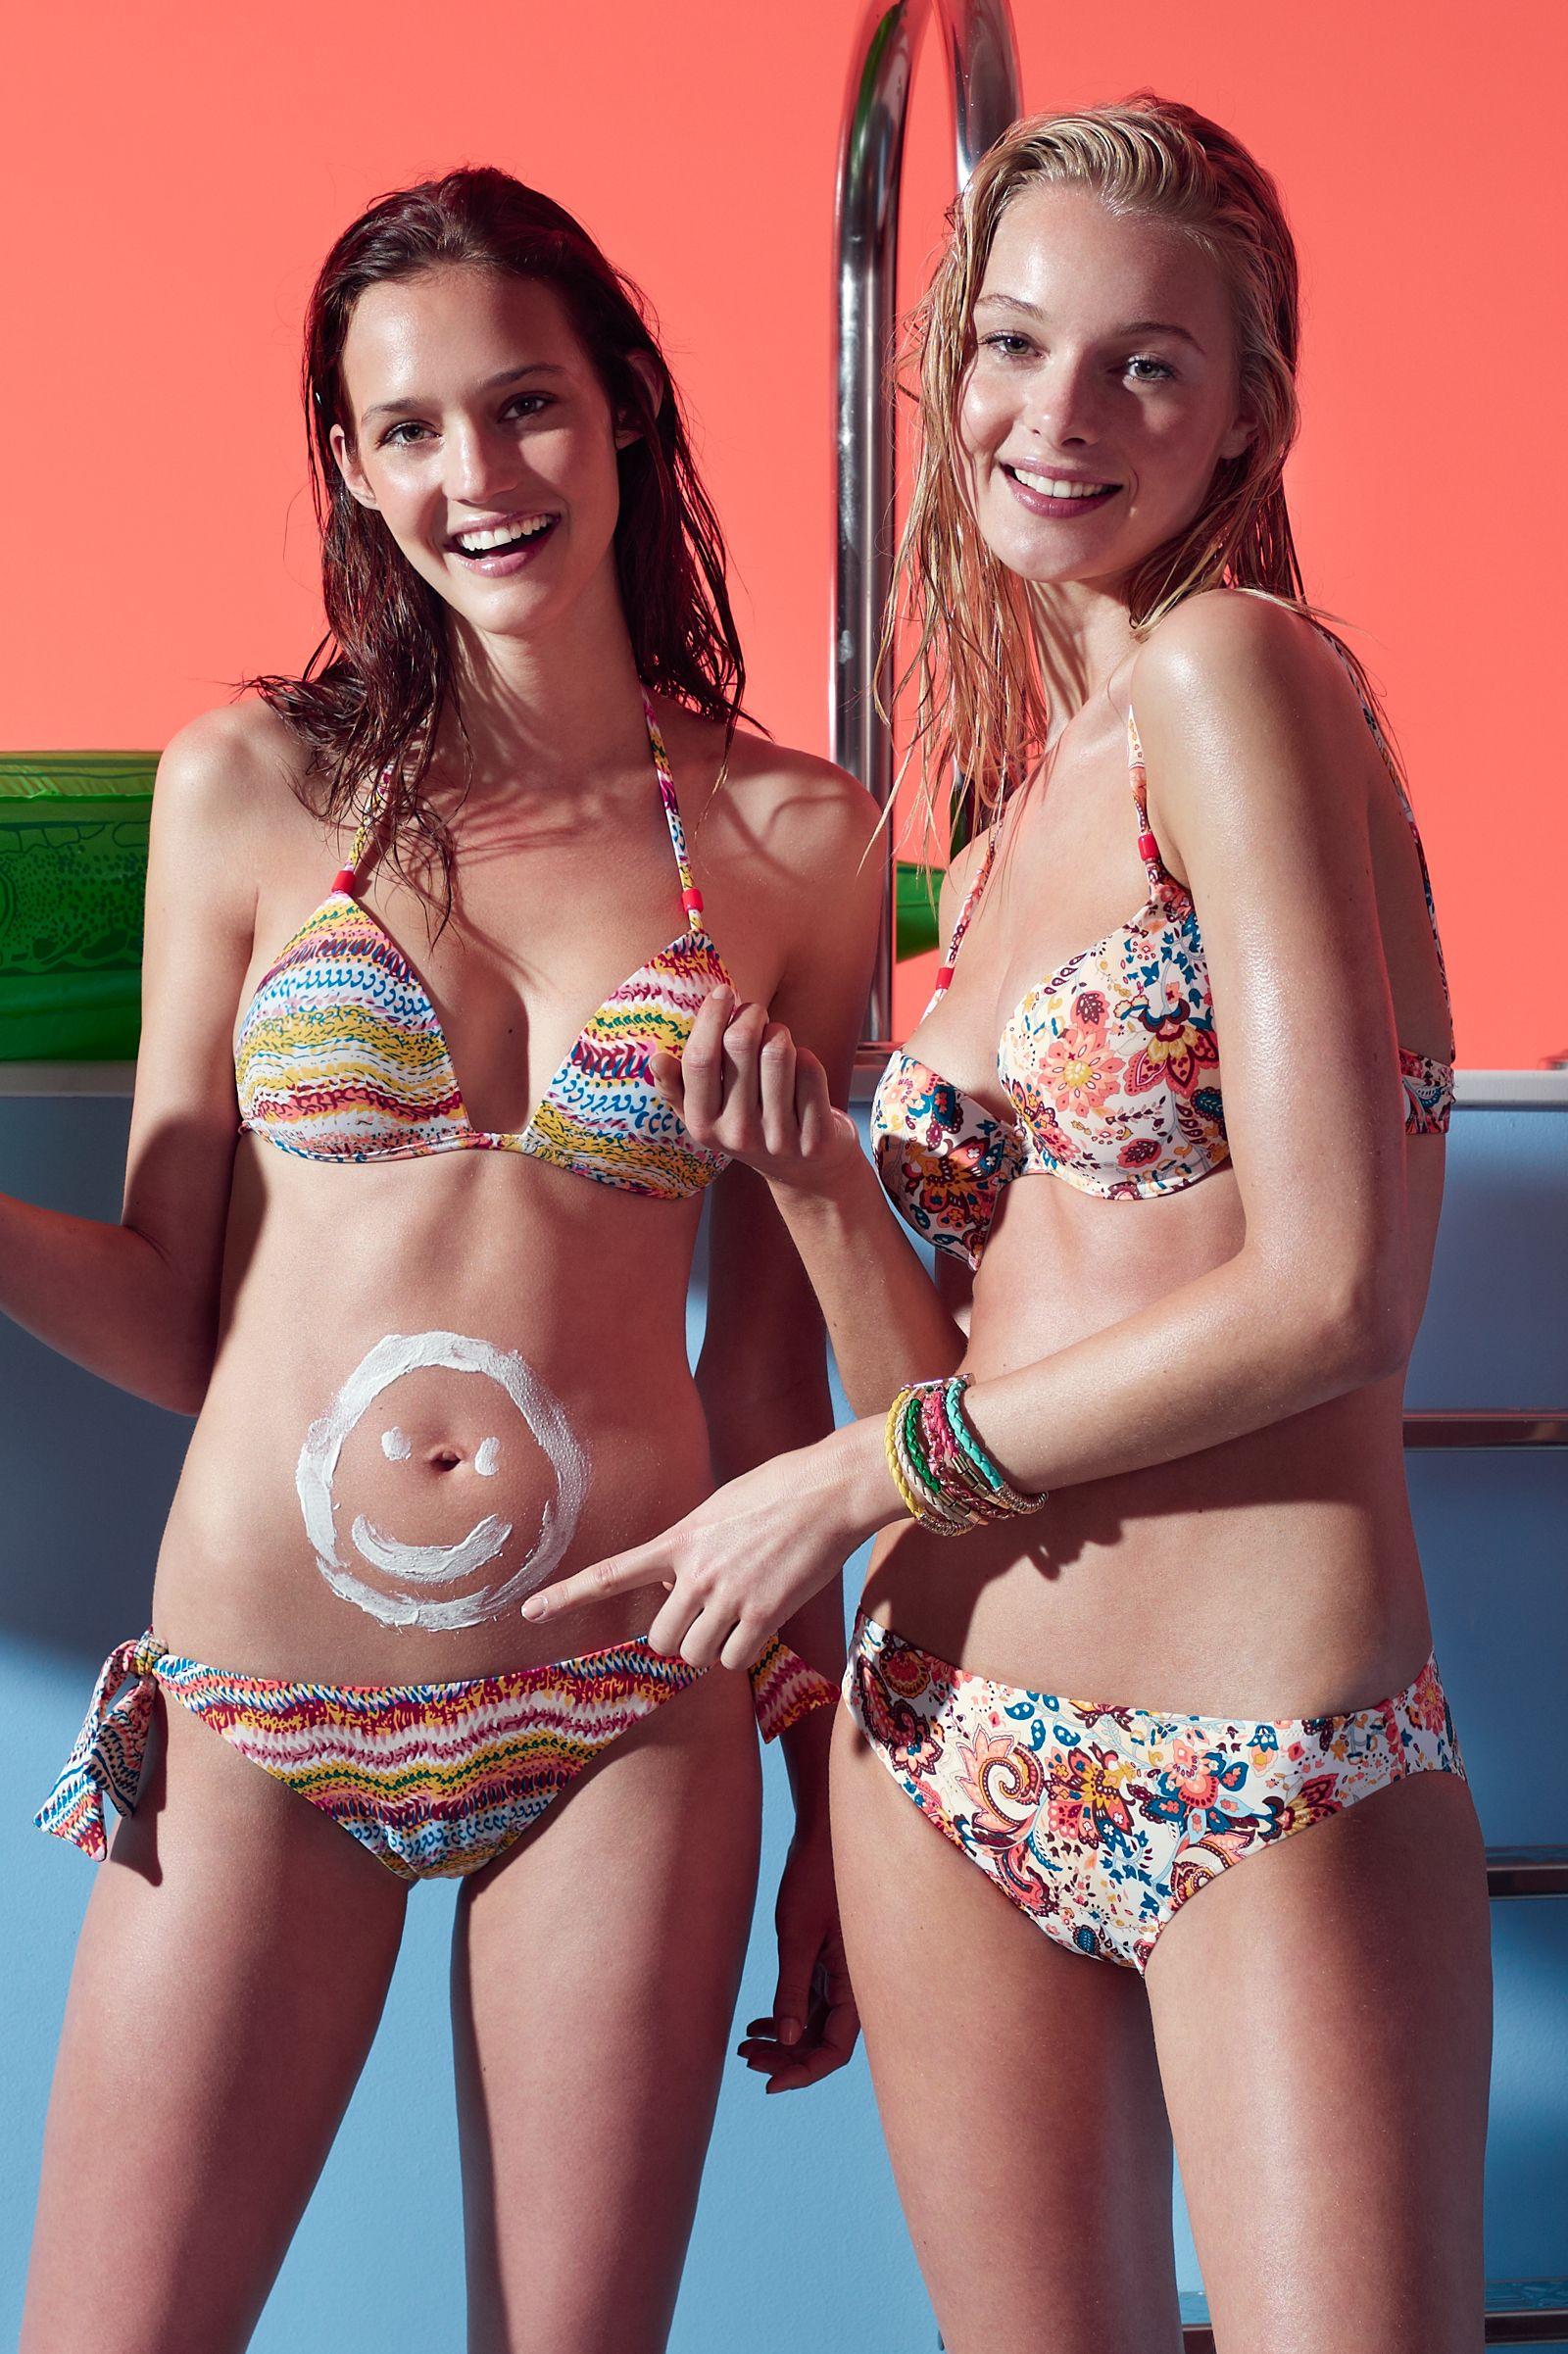 A la izquierda #bikini #triangular #estampado con #push up +1 y tirantes fijos. #Braguita ajustable con lazo en los laterales. A la derecha #bikini #estampado con doble posición de tirantes y volante en la parte trasera de la #braguita. #gisela #summer #giselaintimates #baño